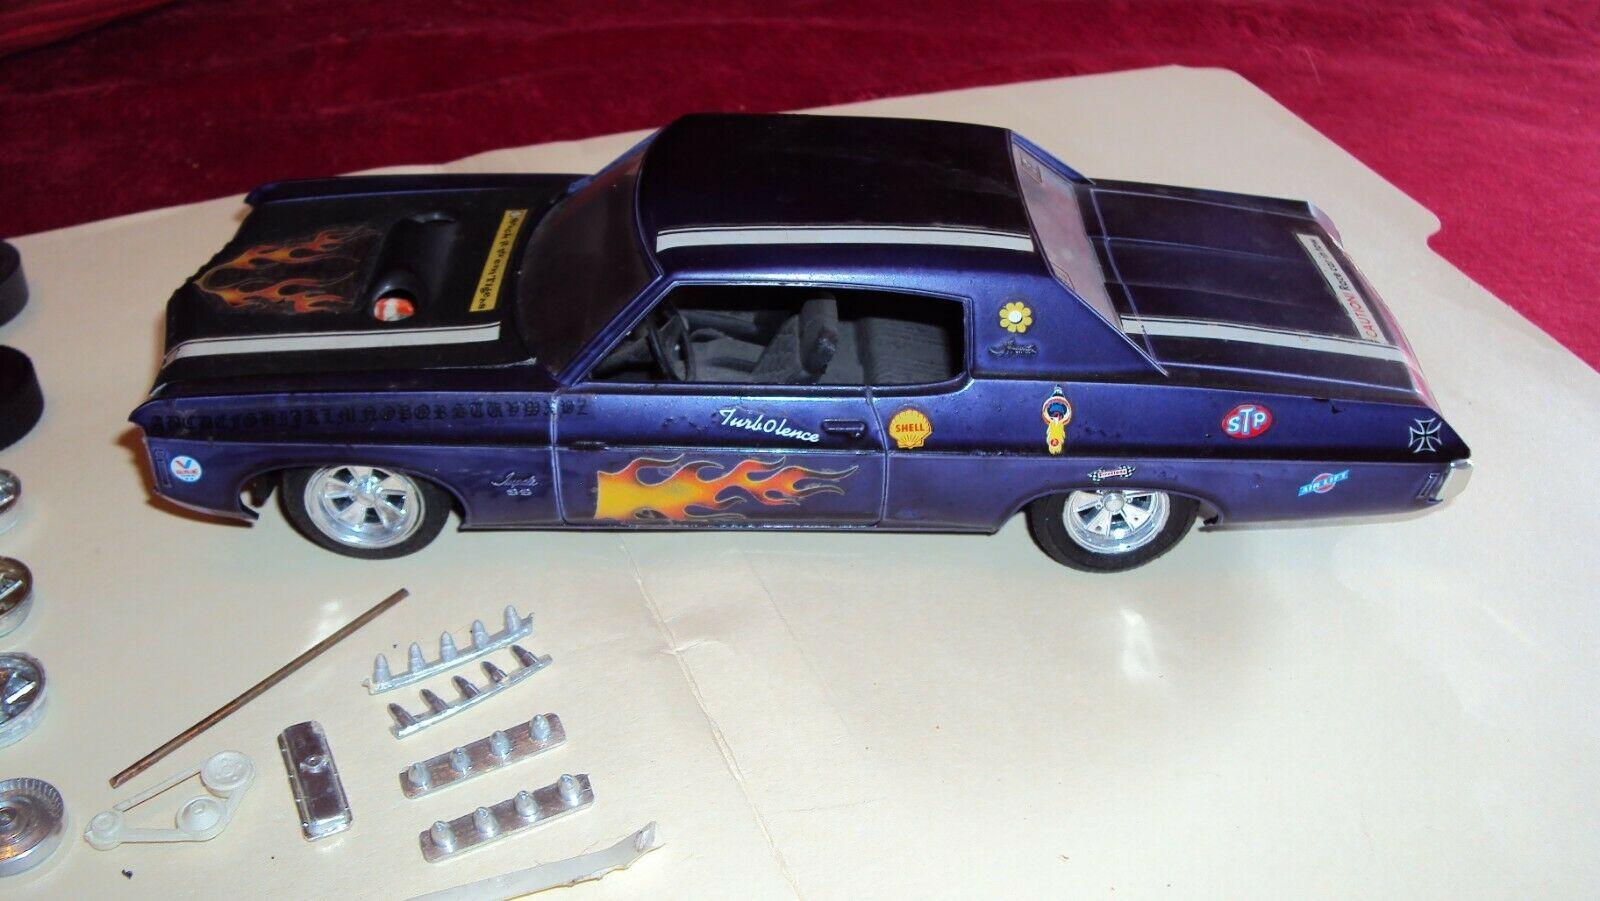 69 Impala b.jpg